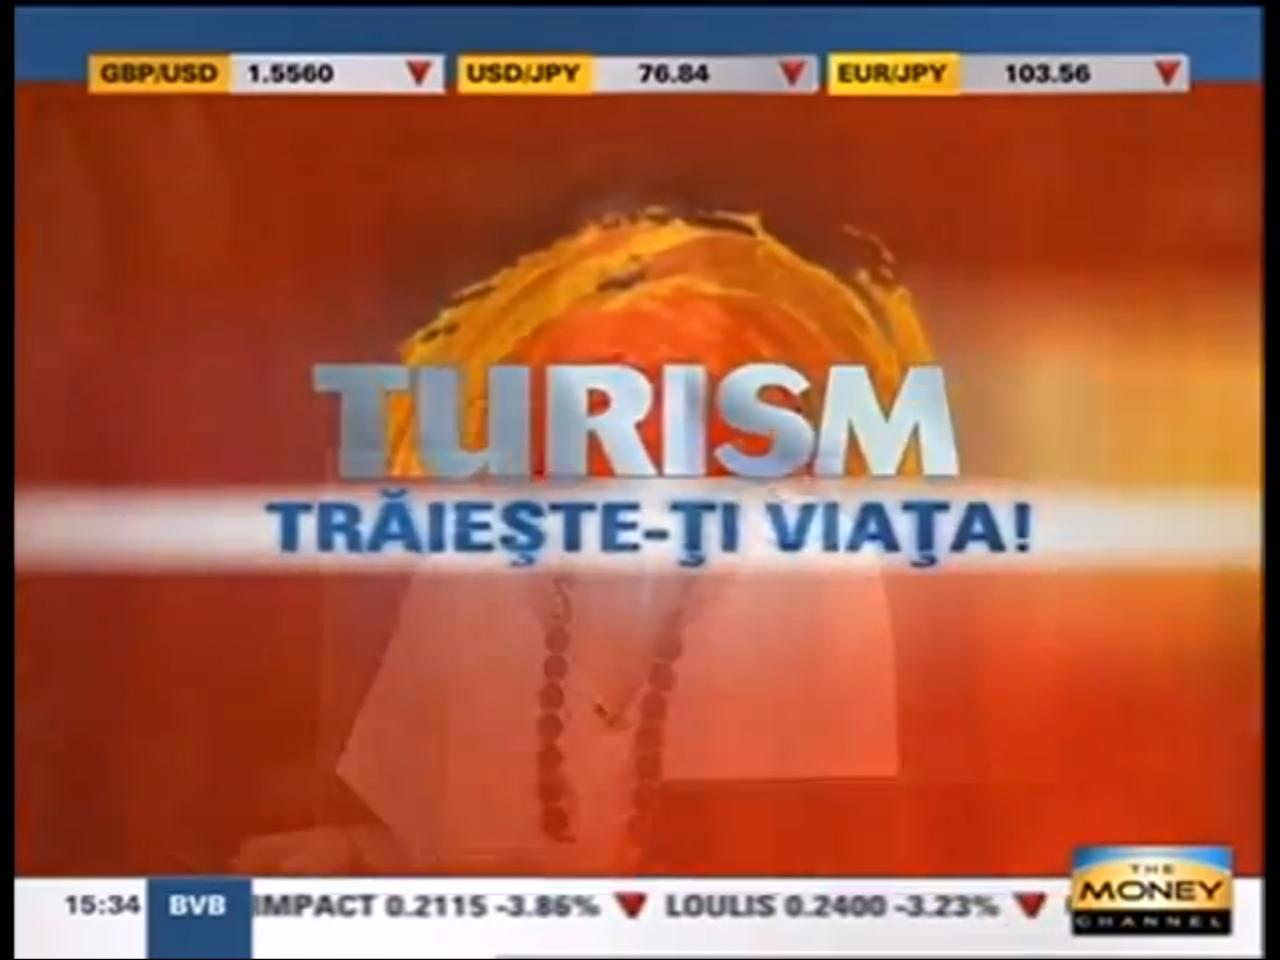 Înregistrare emisiunea de turism Trăieşte-ţi viaţa – ediţia 3, 21 octombrie 2011